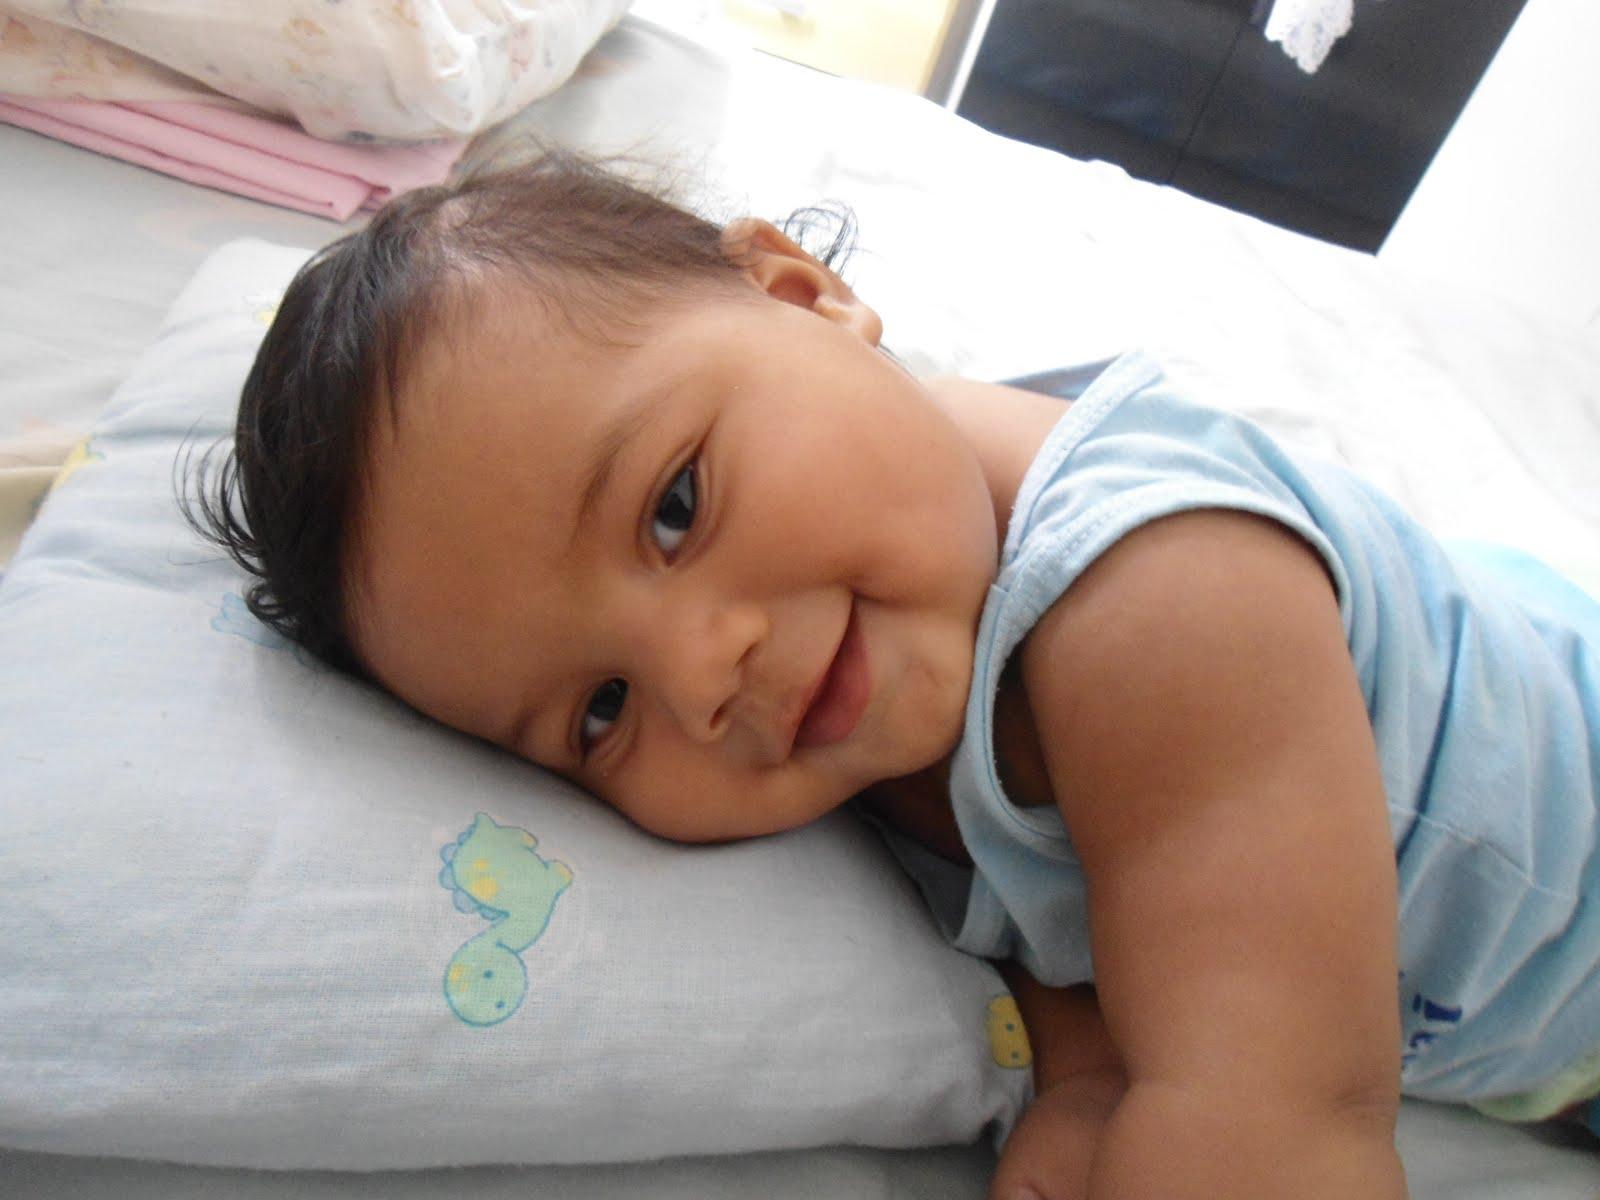 Mensagem De 6 Meses De Vida Do Bebe: Dona Ju: MEU BEBÊ LINDO COM 6 MESES DE VIDA